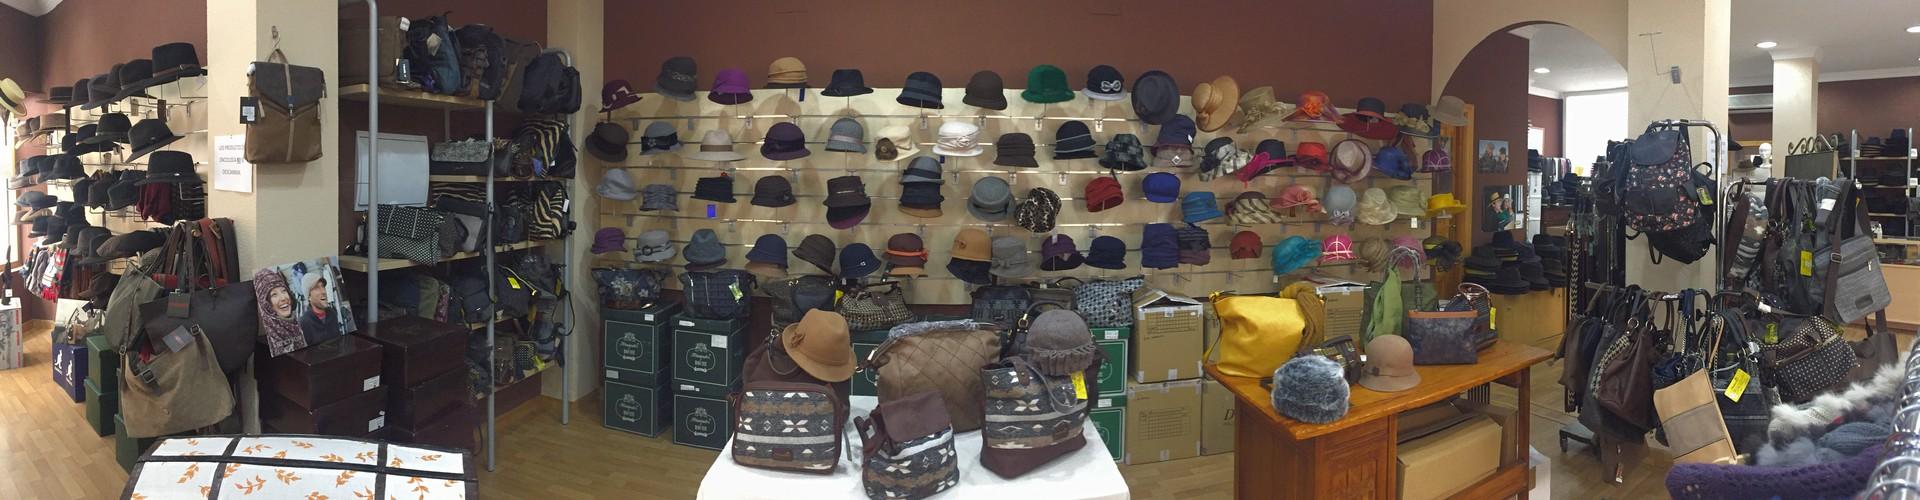 gorras en motril, gorras en salobreña, gorras en almuñecar, sombreros en granada, gorras granada,